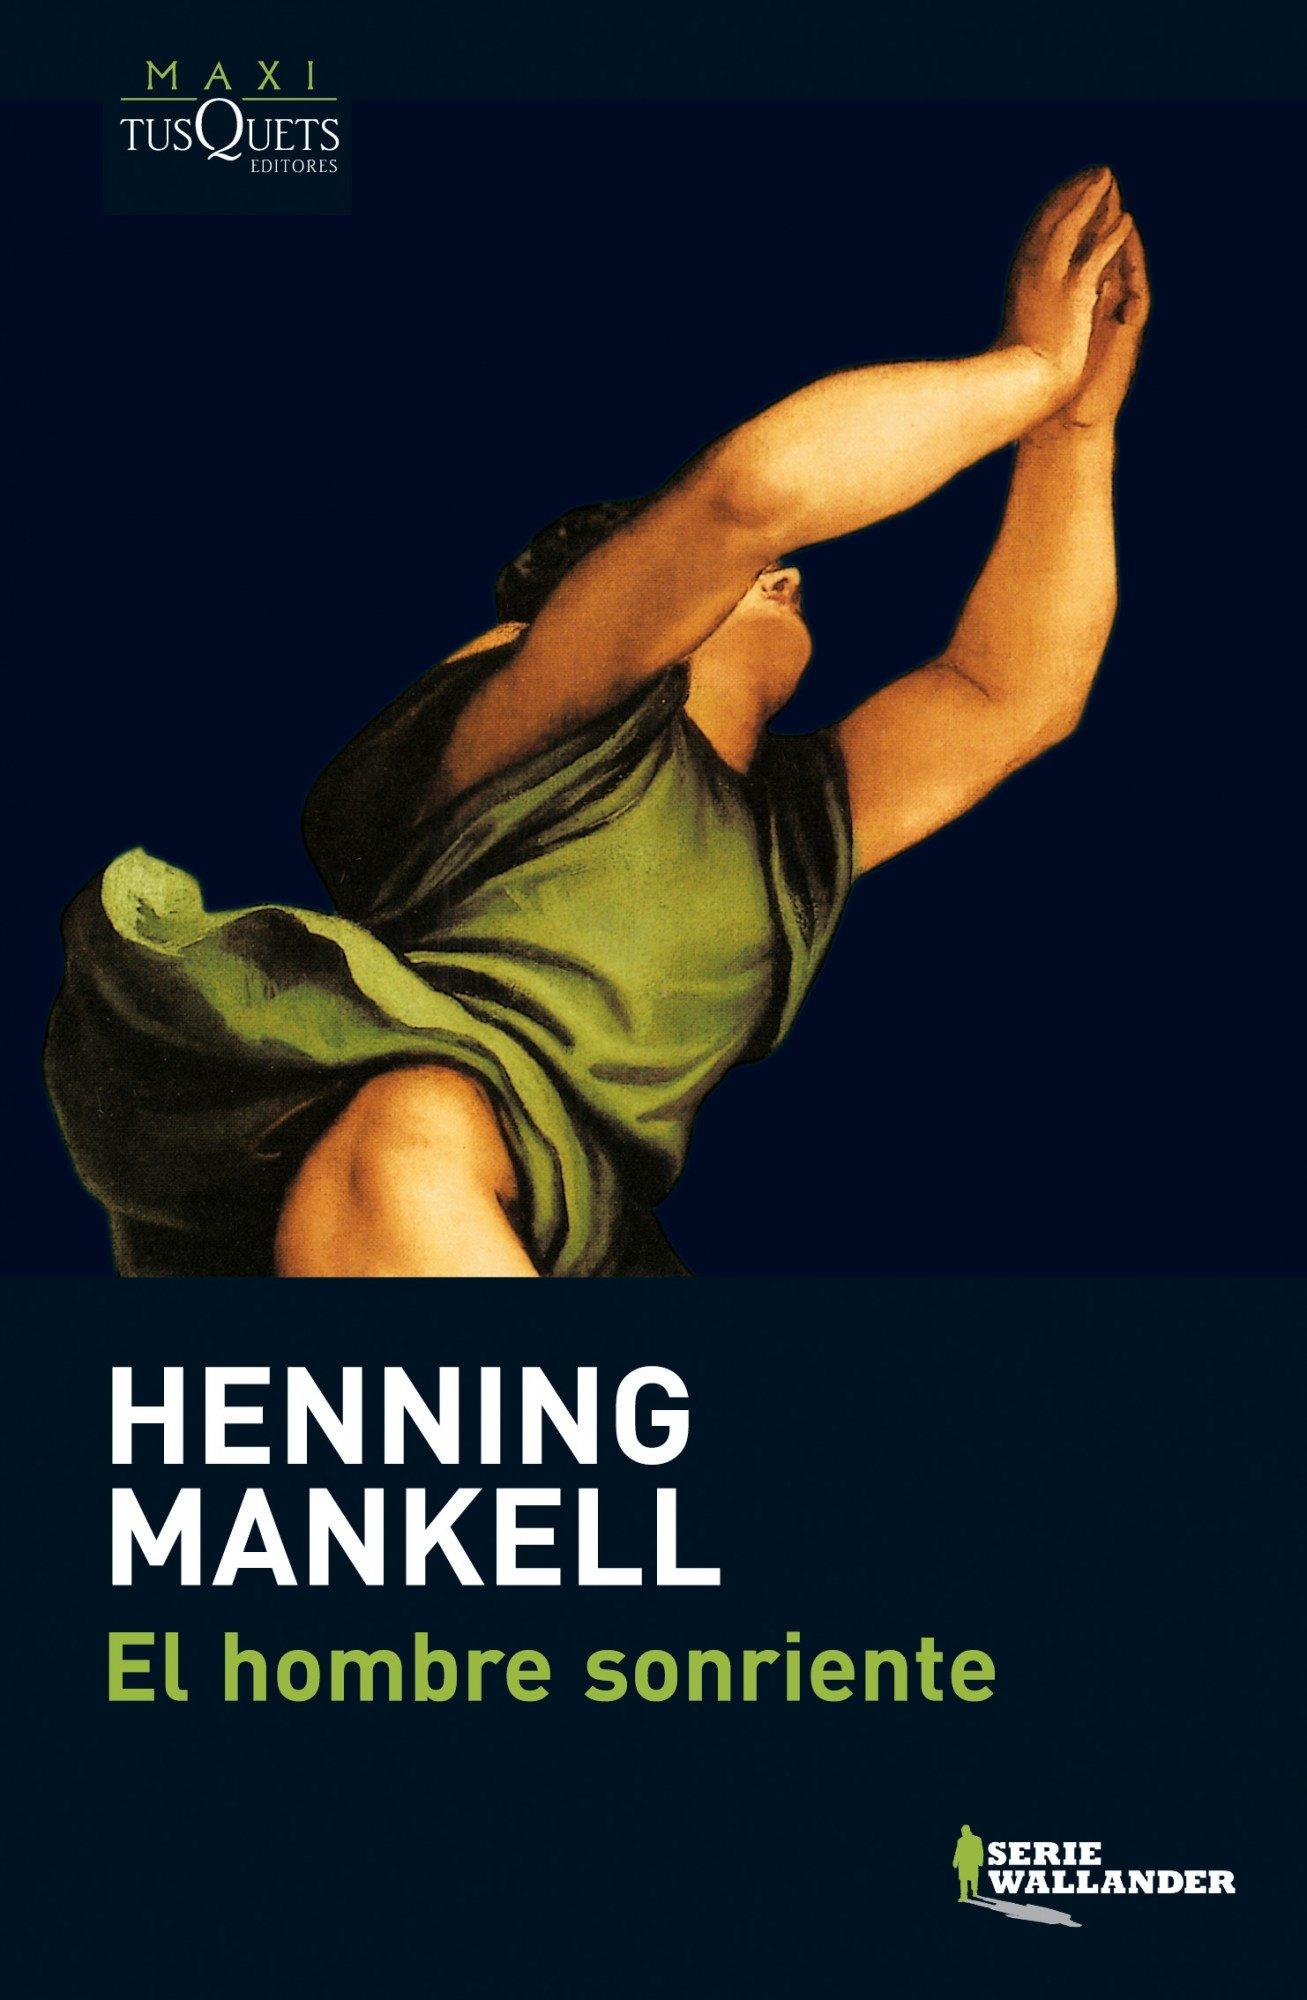 Resultado de imagen para el hombre sonriente henning mankell amazon